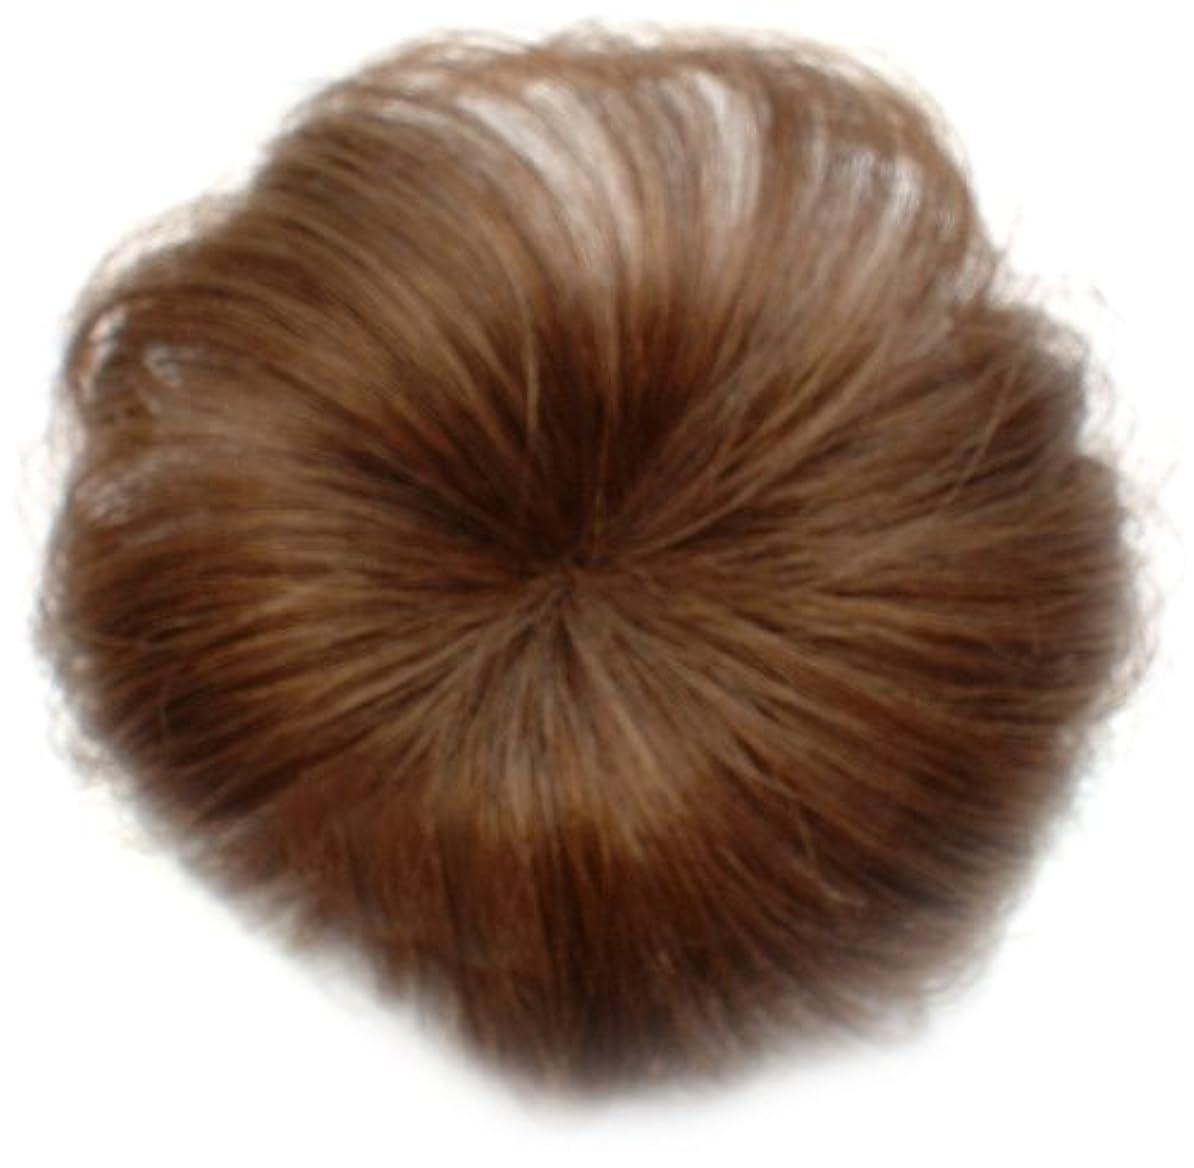 より良い浪費としてPOINT HAIR ポイントヘア L ライトブラウン №6